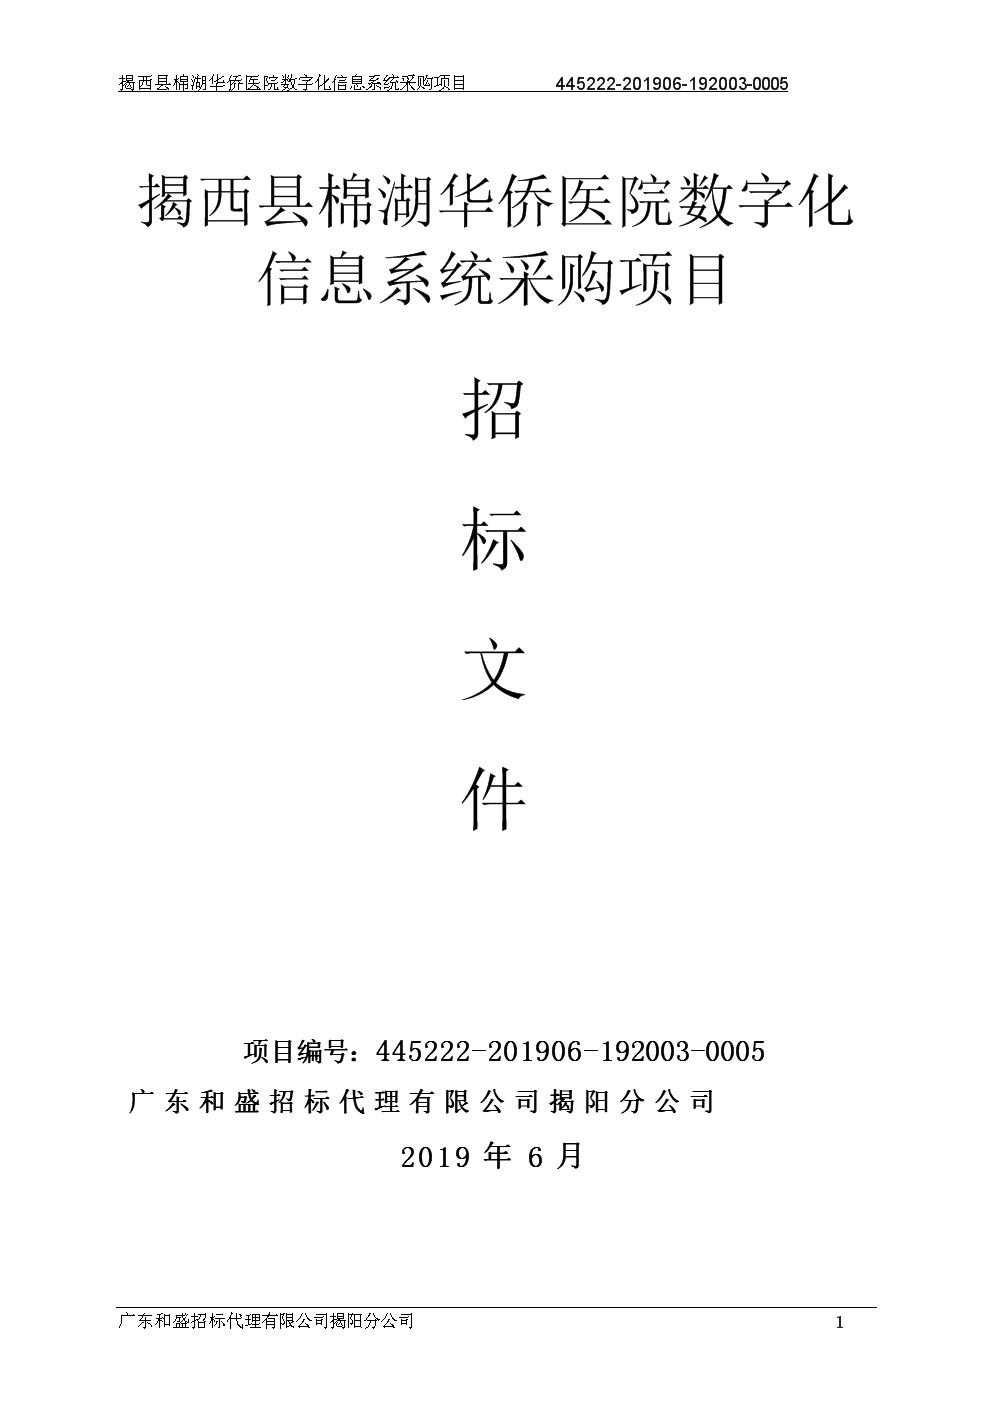 揭西棉湖华侨医院数字化信息系统采购项目.DOC